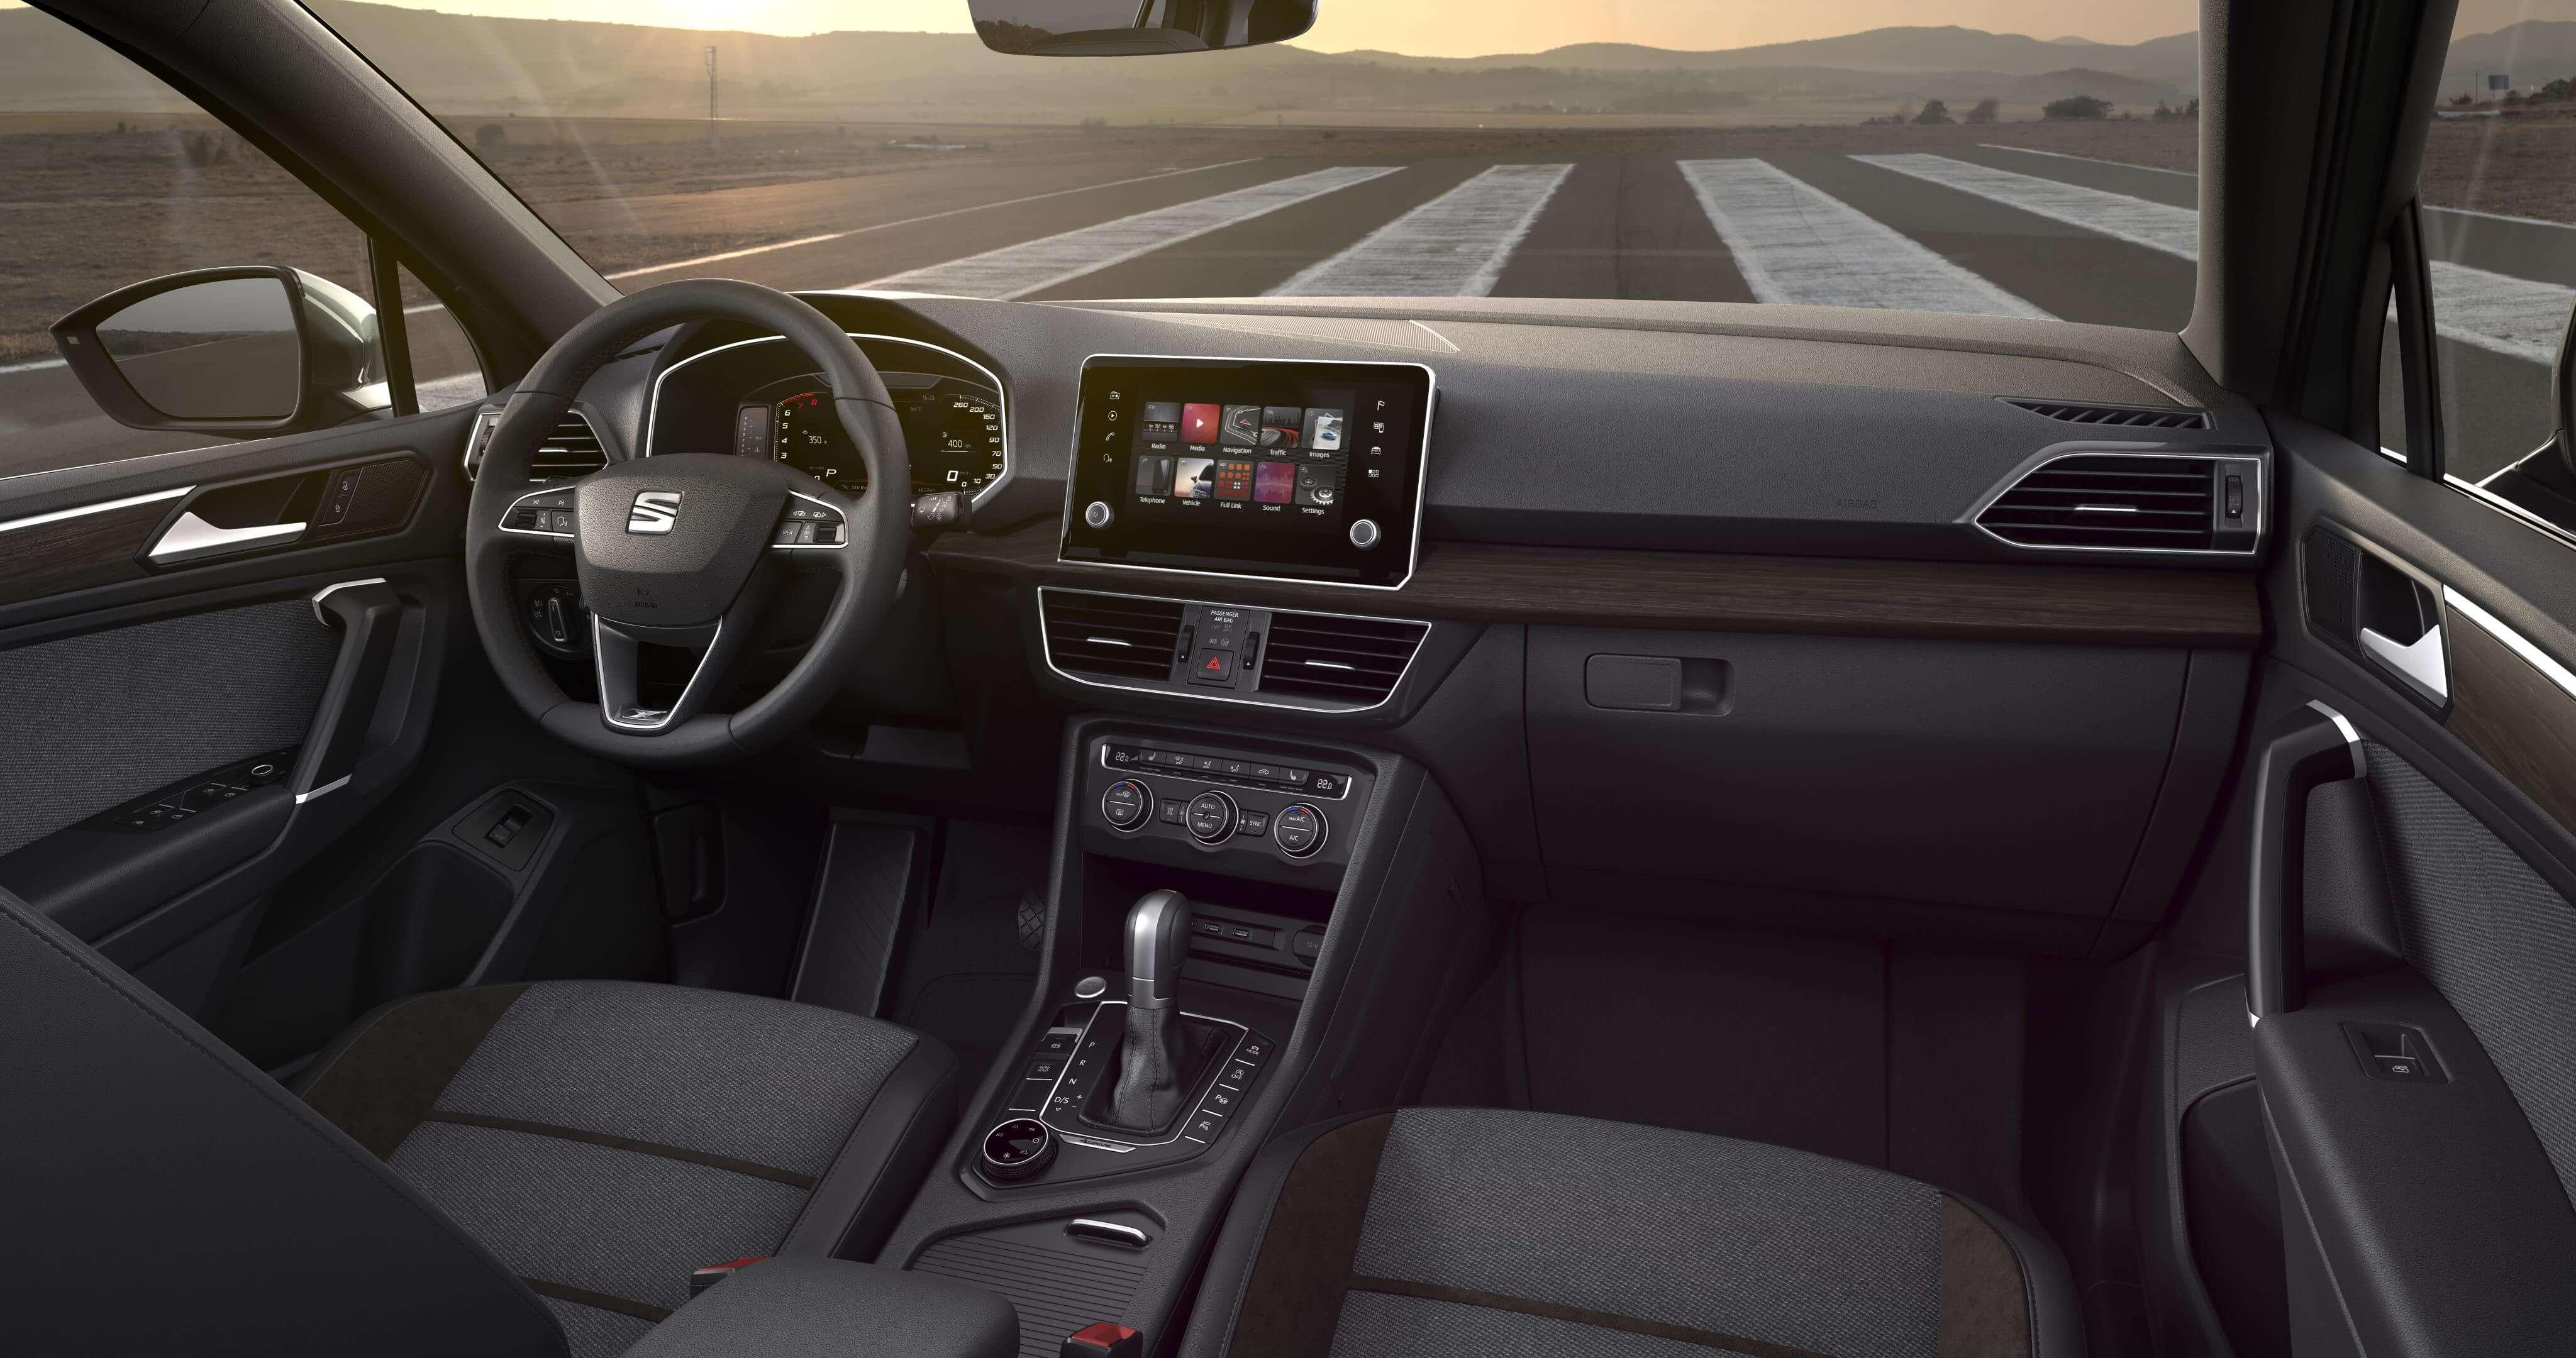 SEAT Tarraco: interior